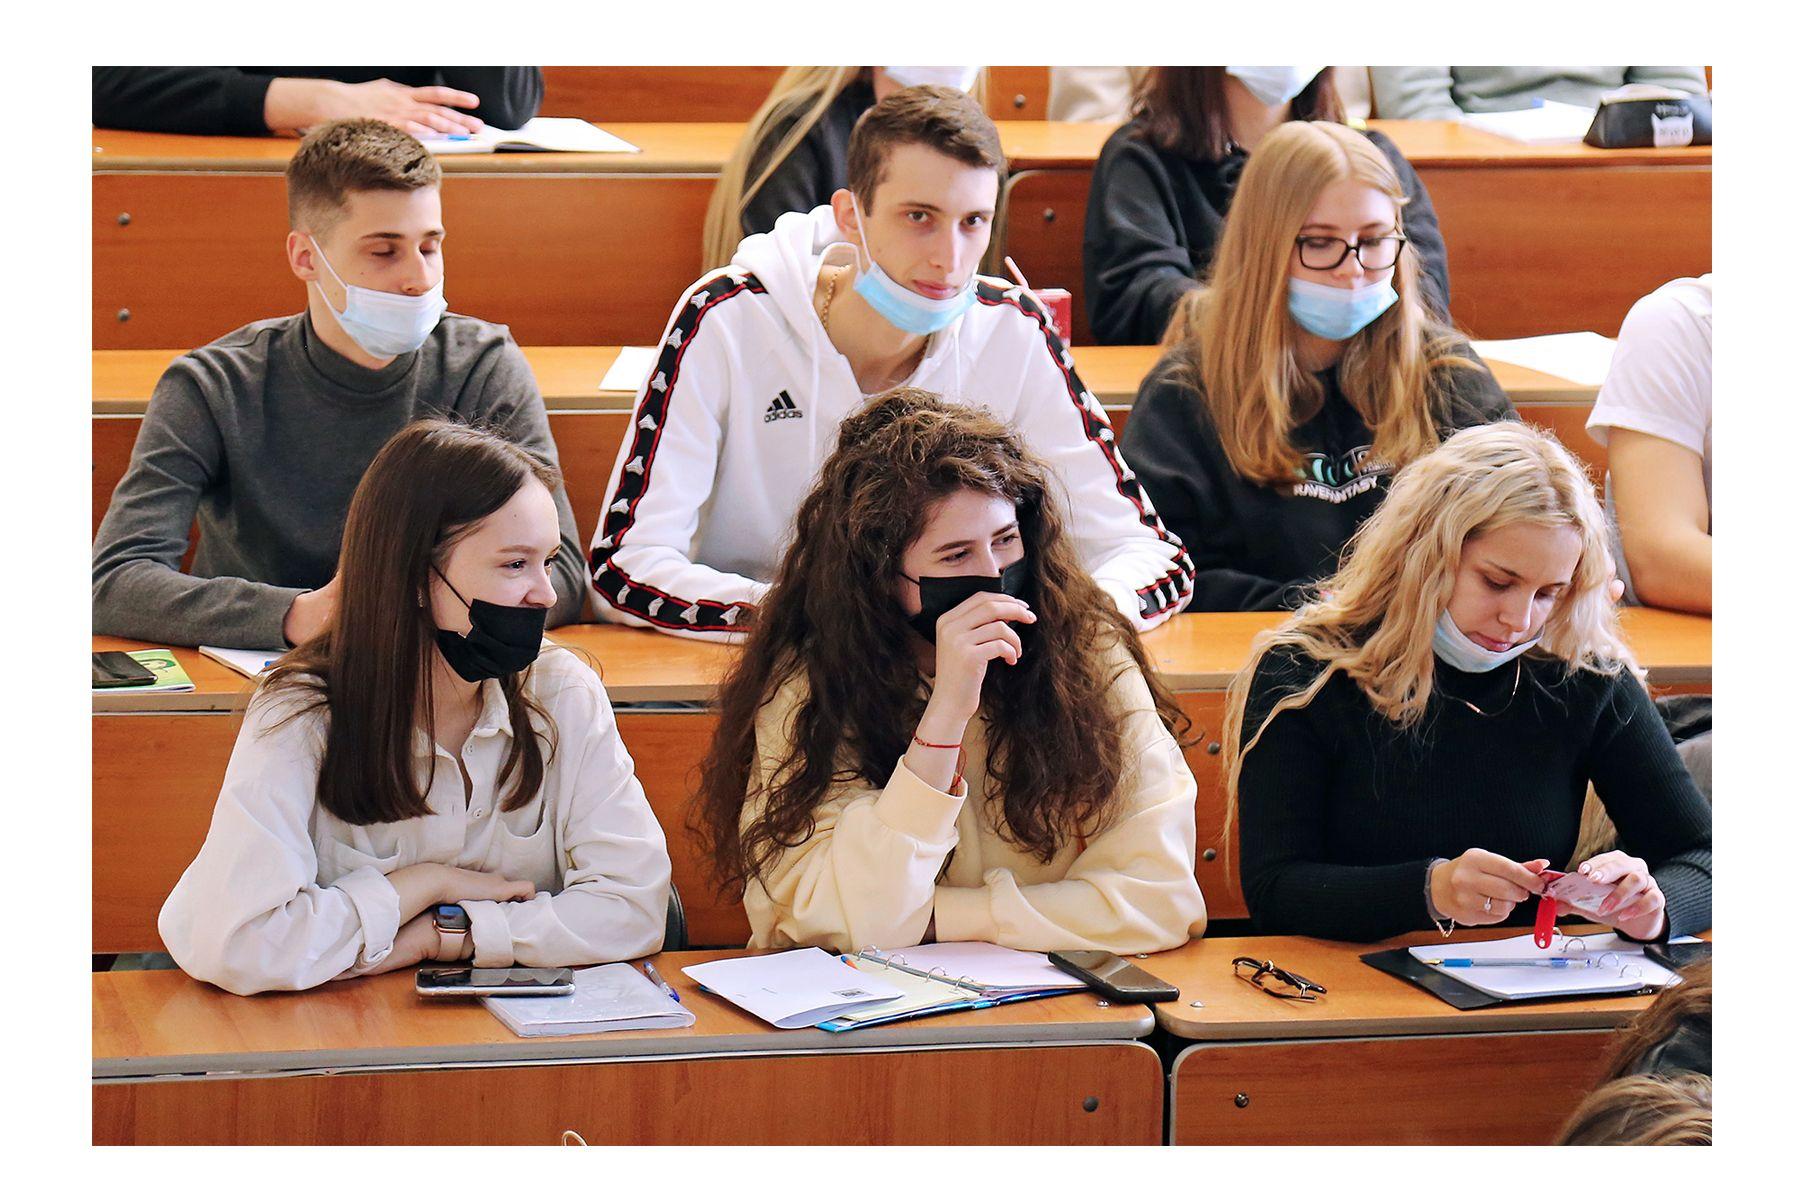 Региональный центр «Старт-карьера» ВГУЭС запустил новый образовательный проект для студентов «Самозанятость»